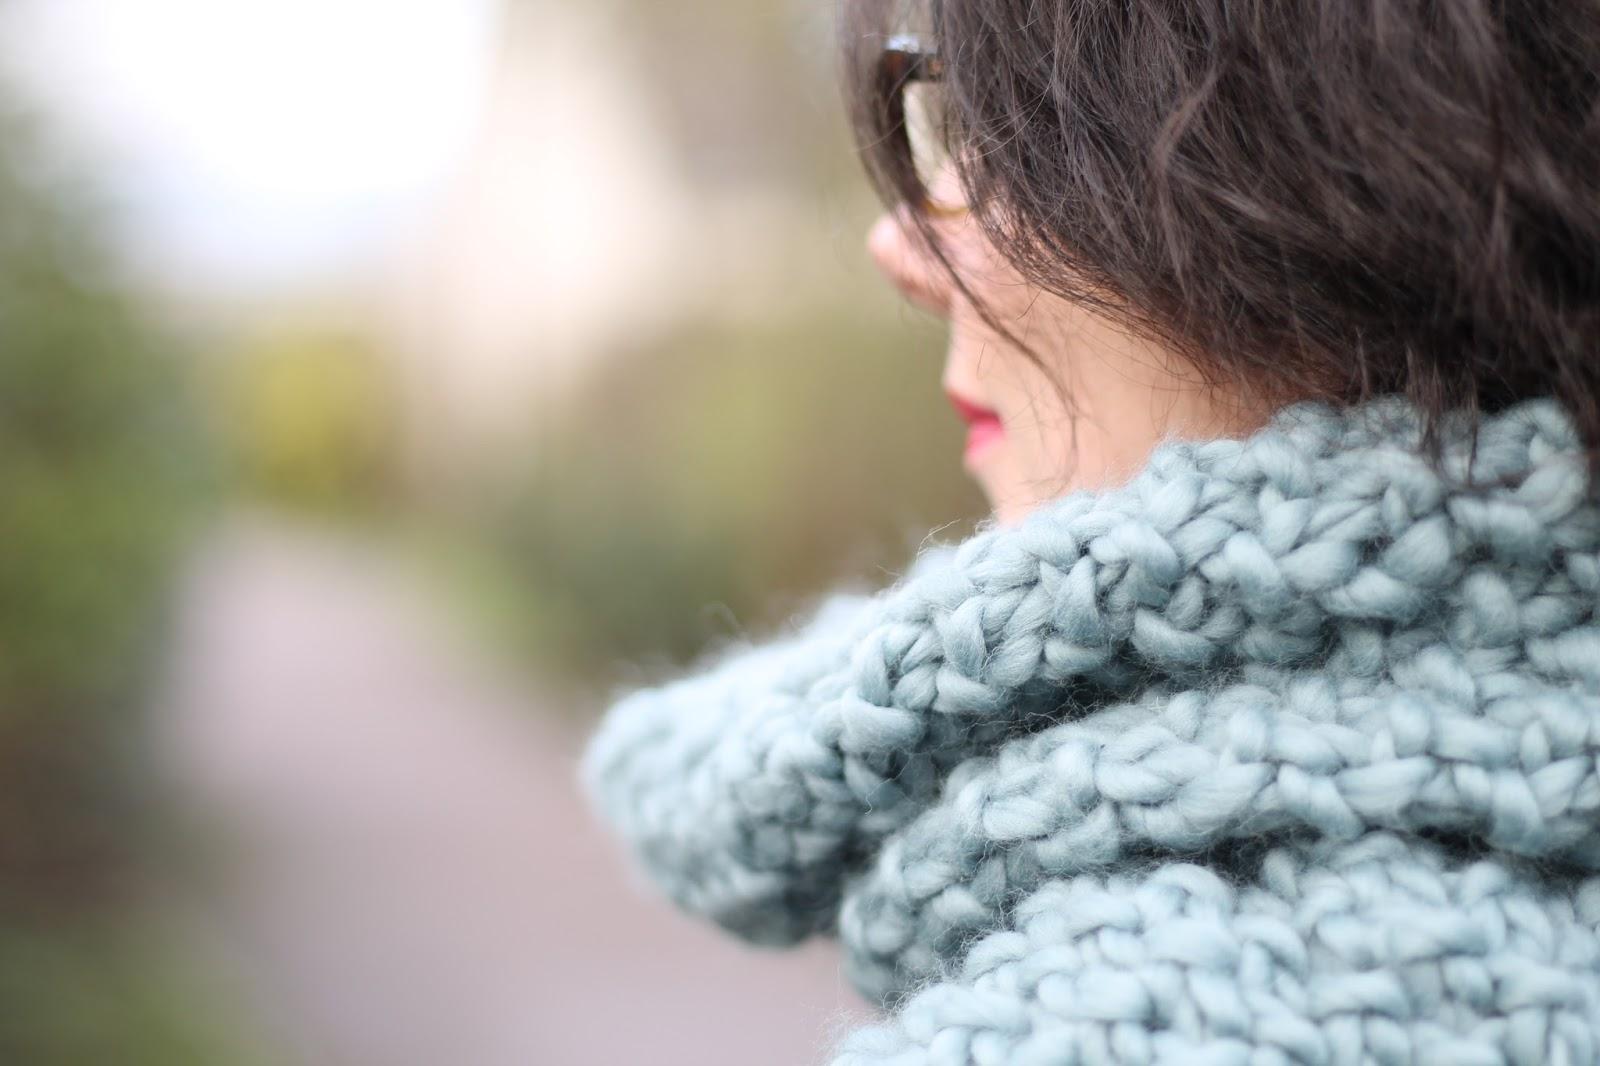 les gommettes de melo wak we are knitters weareknitters laine wool tricot écharpe faire soi meme home made hand fait maison fait main fiere hiver look tenue ootd outfit